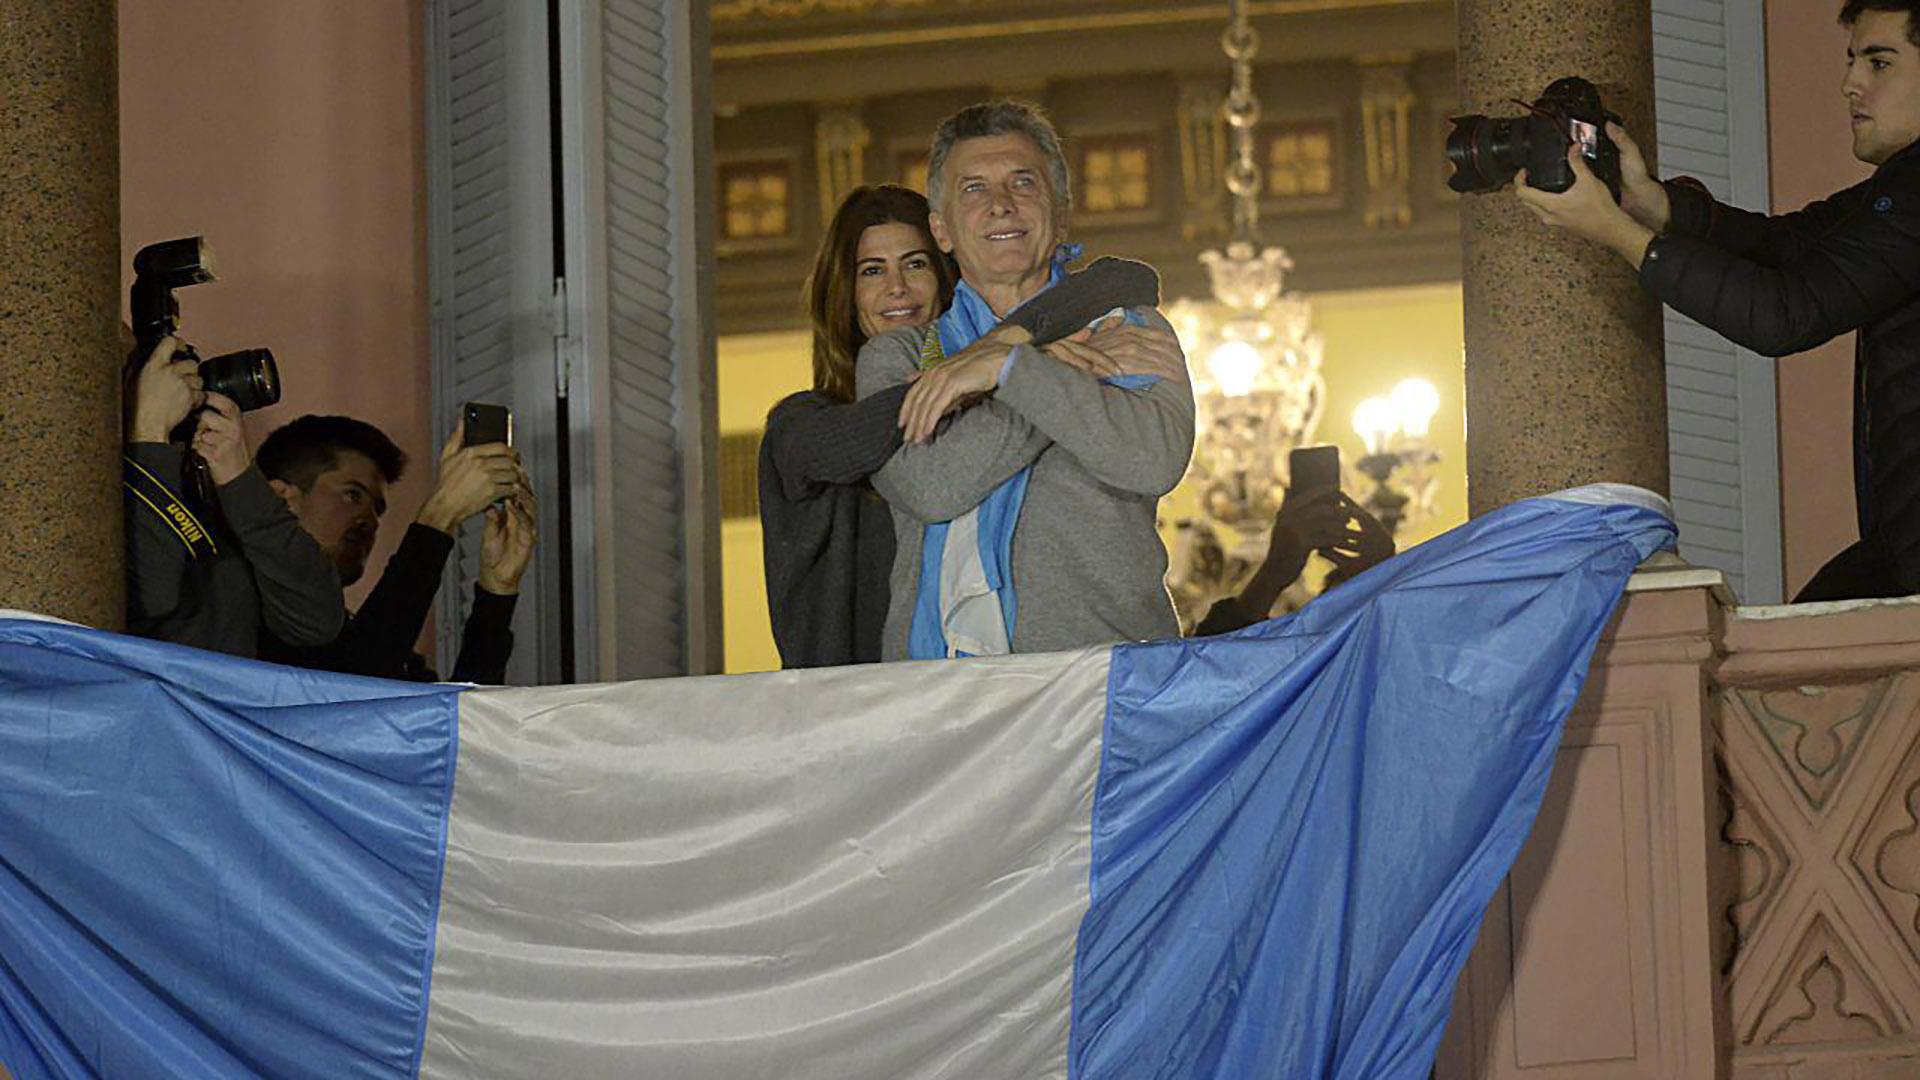 Juliana Awada y Mauricio Macri dejaron la quinta Los Abrojos donde estaban pasando el fin de semana para saludar a los manifestantes que se habían congregado en la Plaza de Mayo